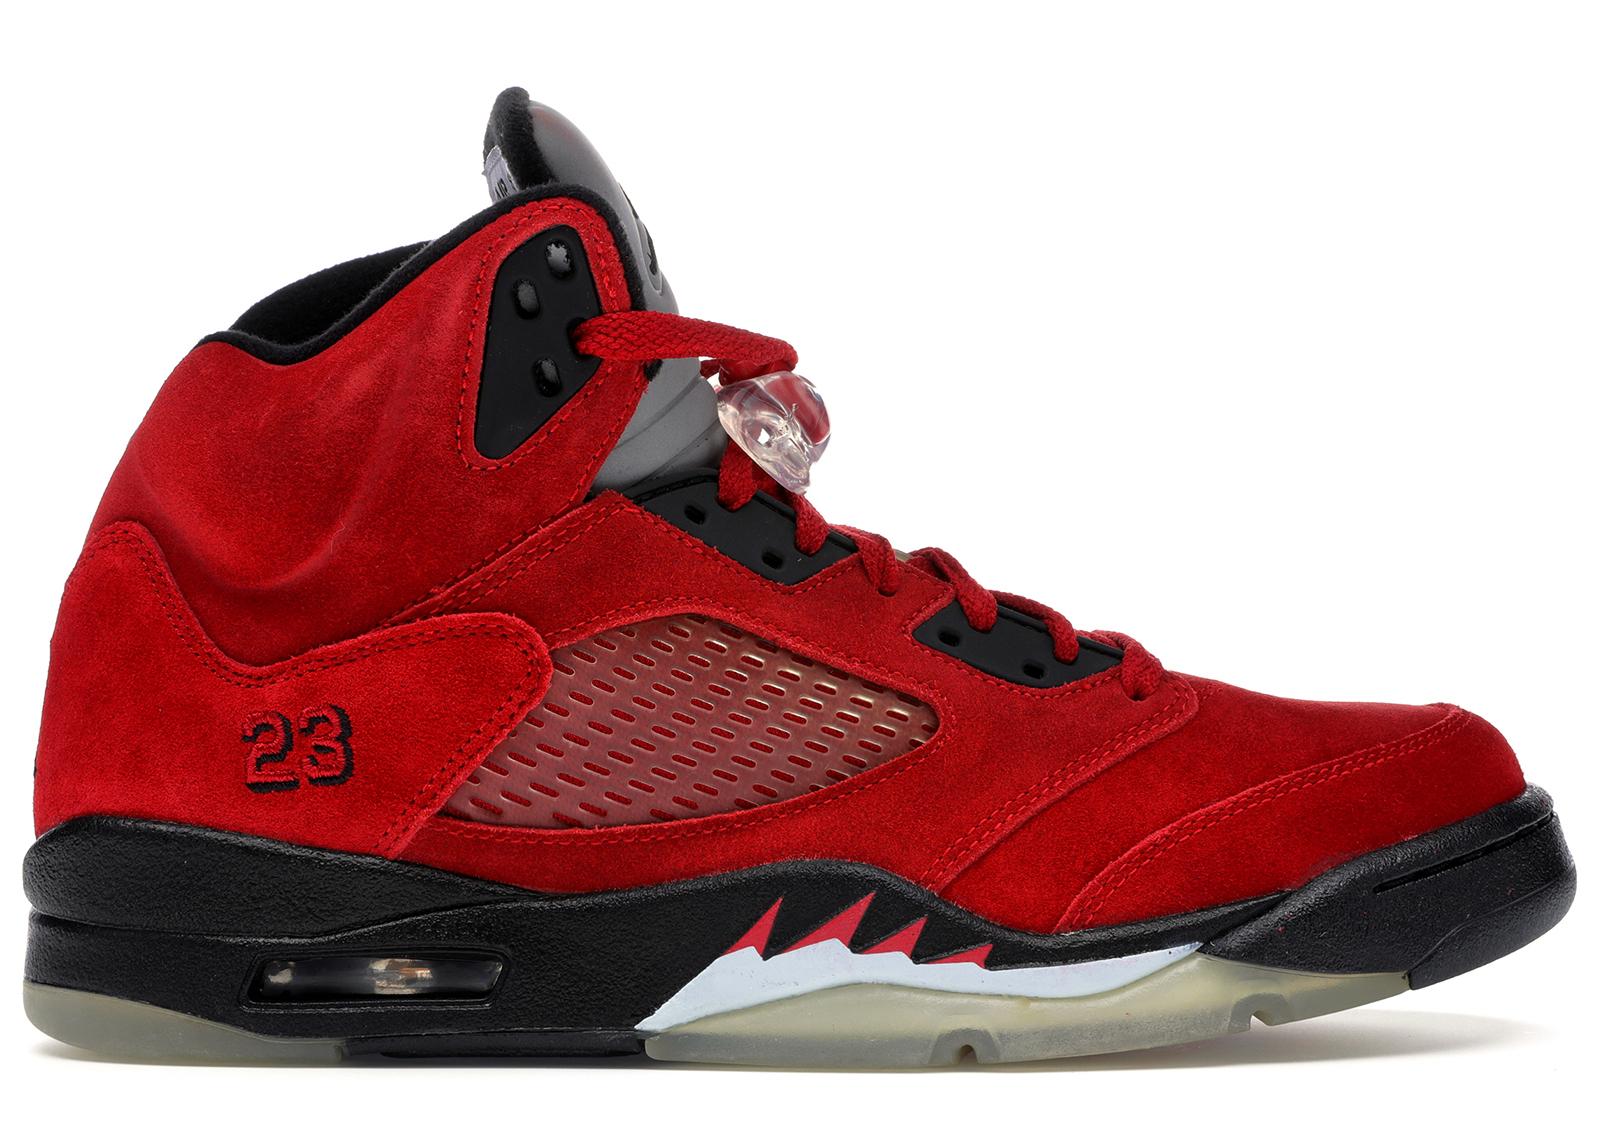 Jordan 5 Retro DMP Raging Bull Red